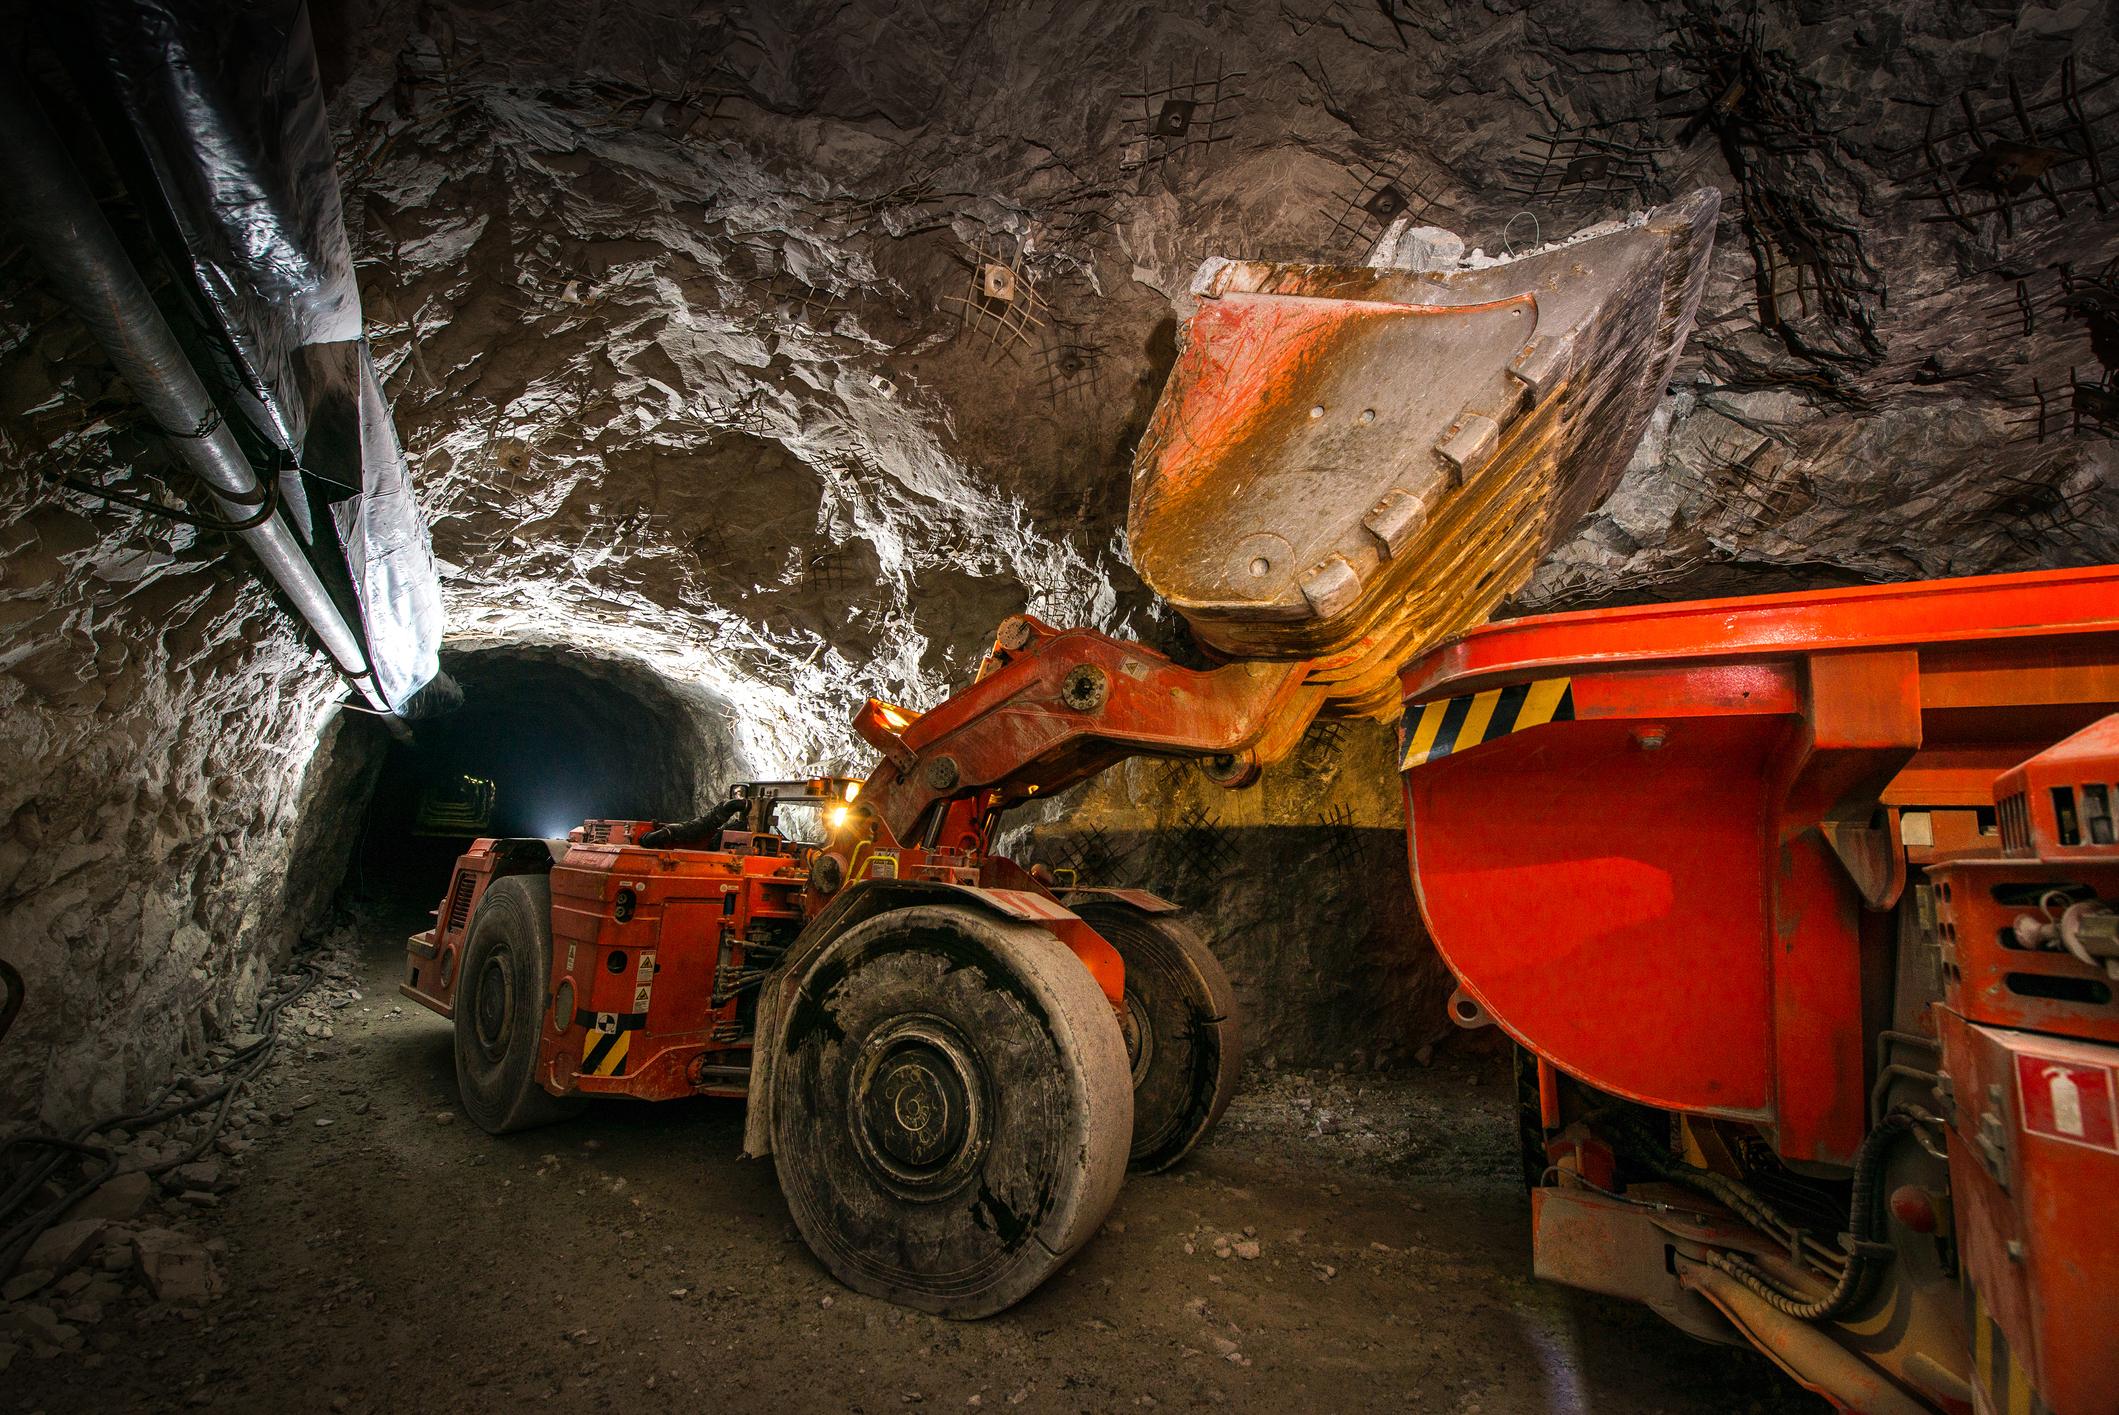 An excavator working in an underground gold mine.